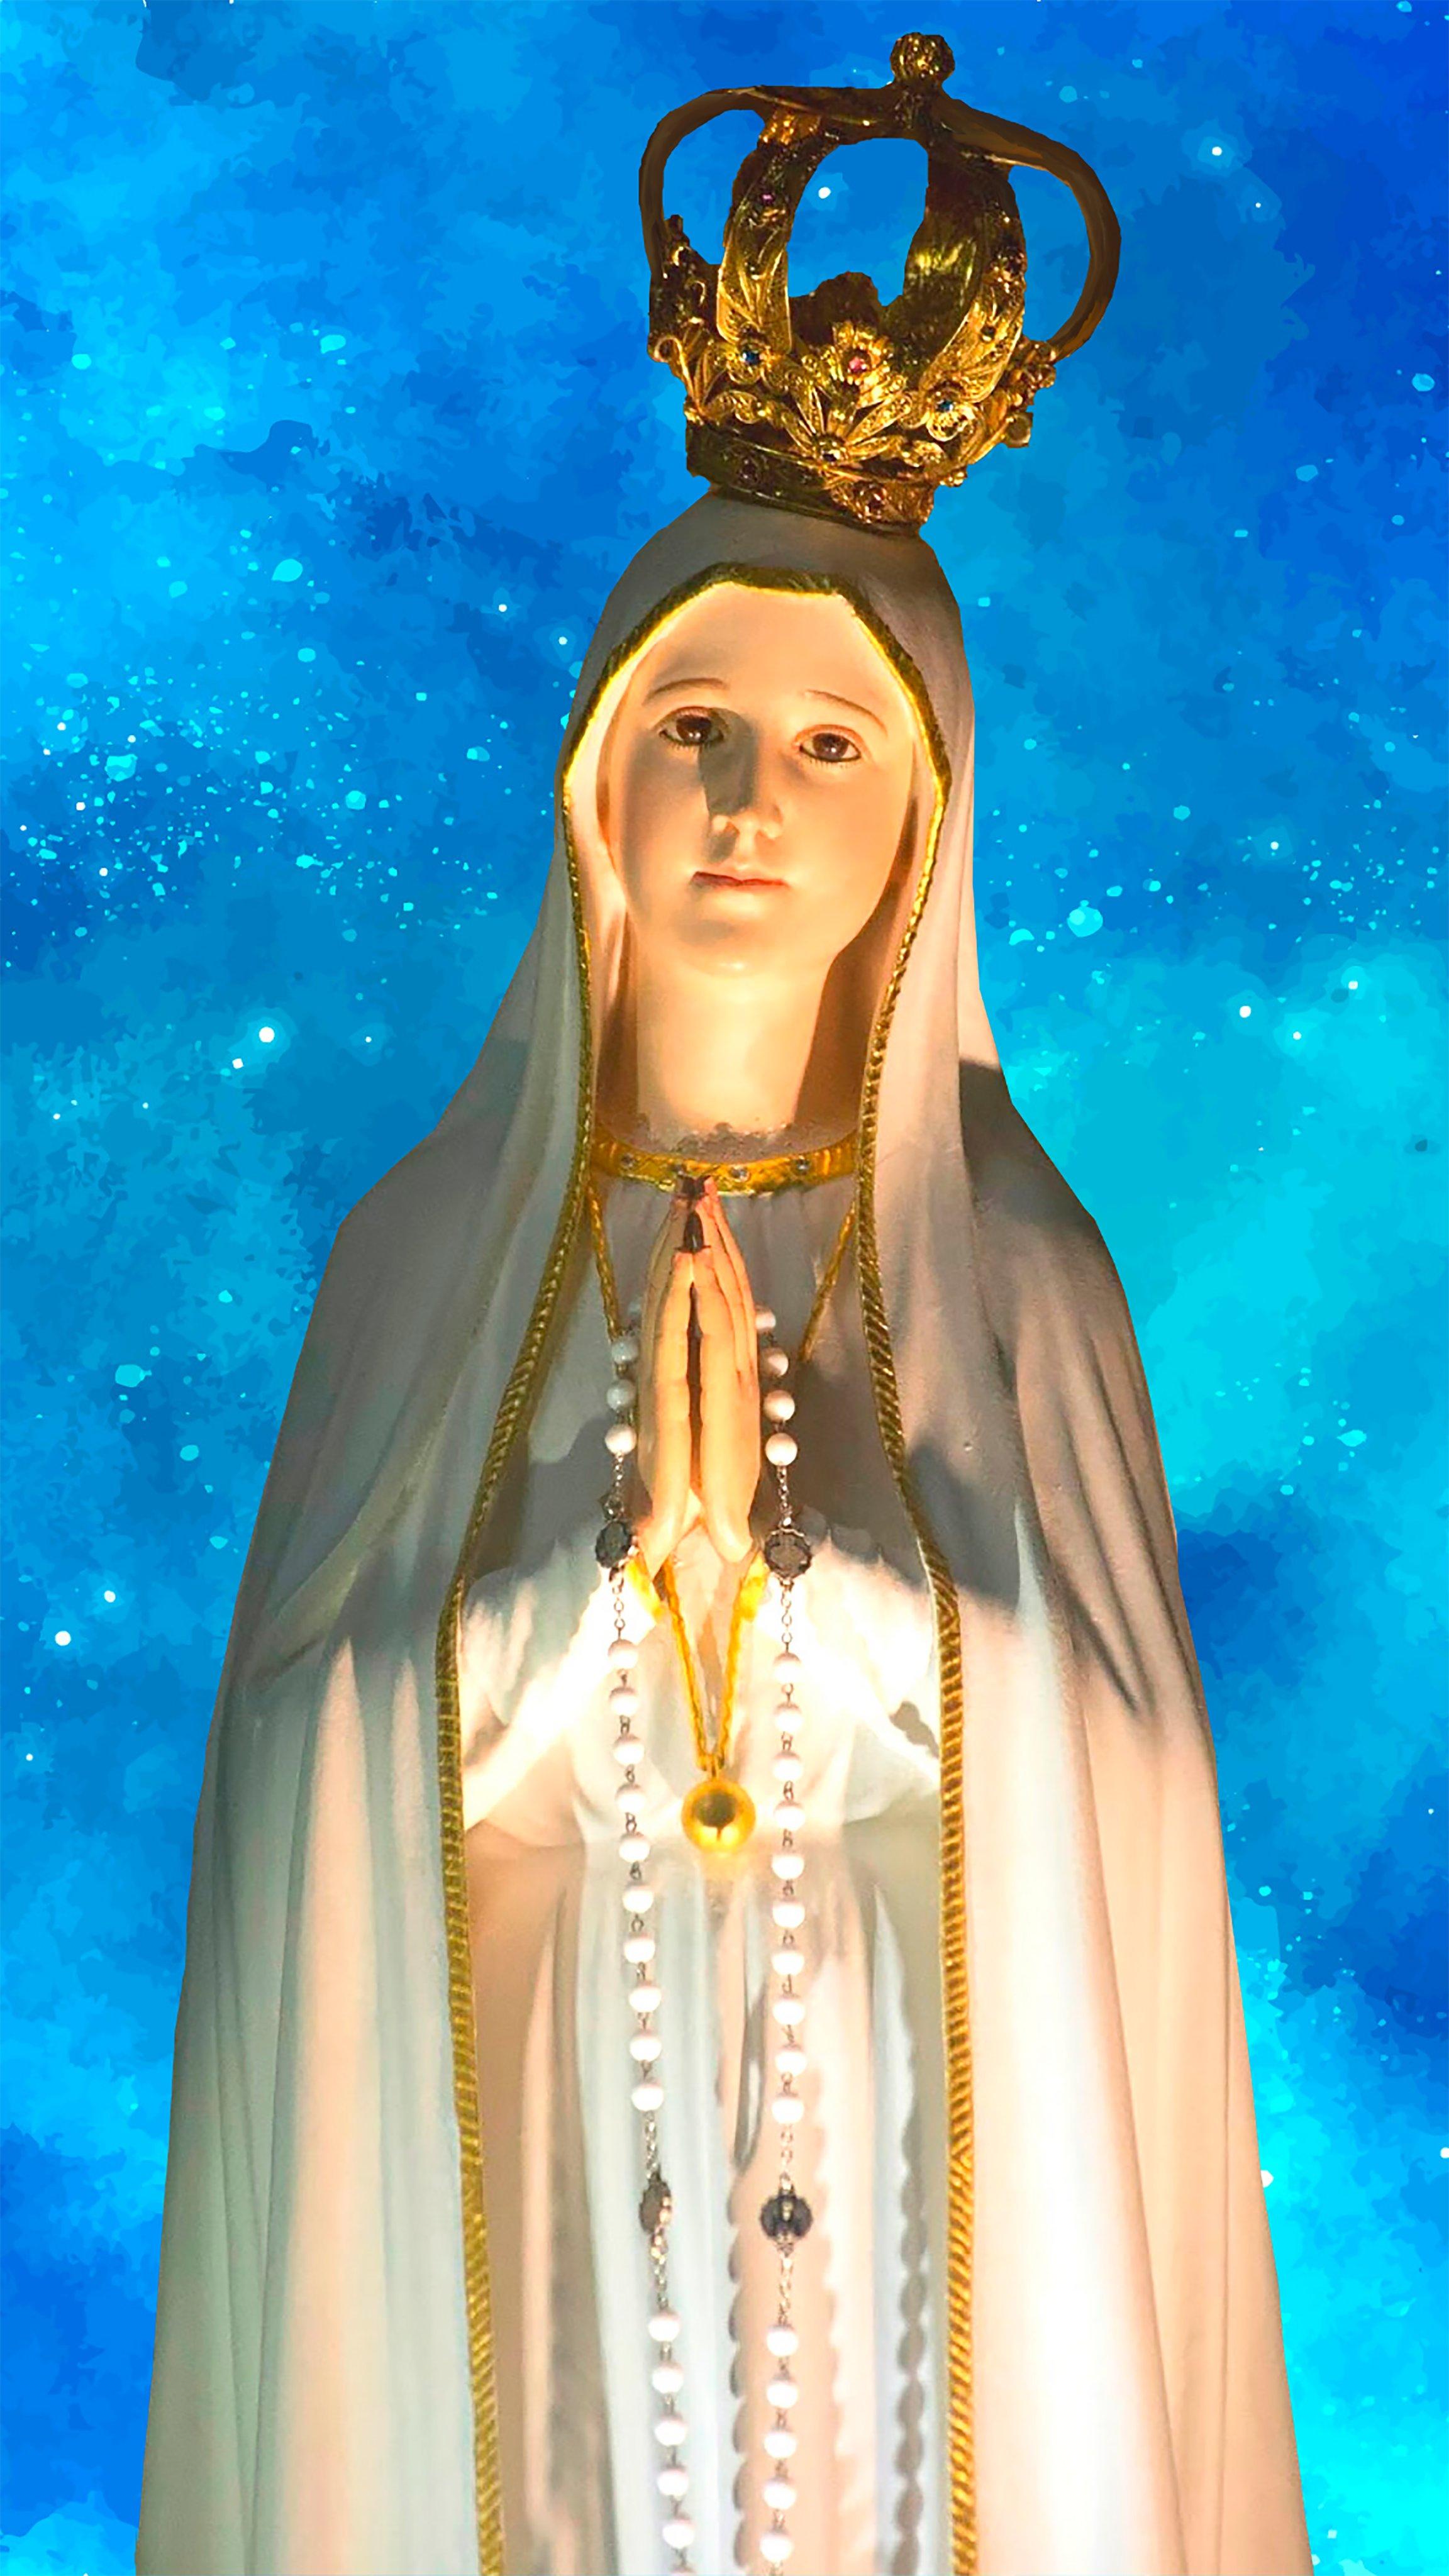 Wallpaper de Nossa Senhora de Fátima